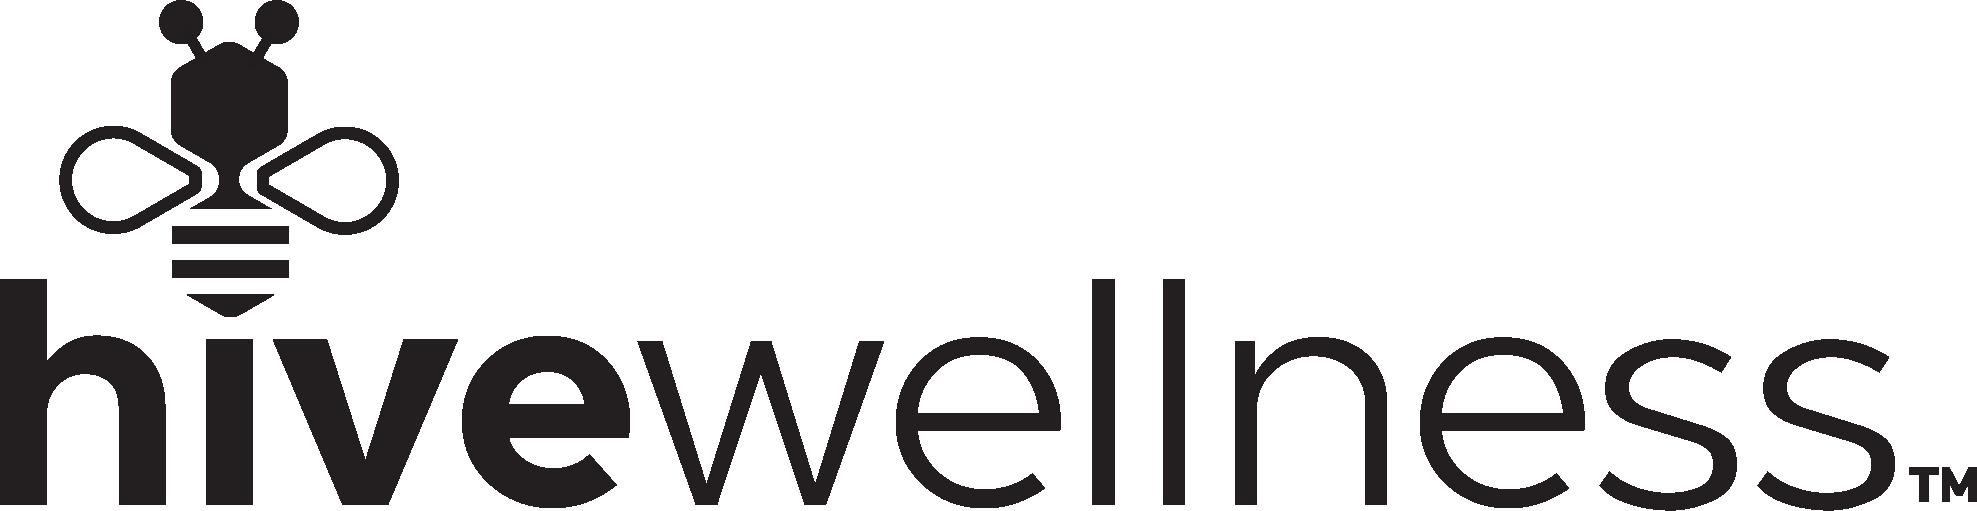 Hivewellness